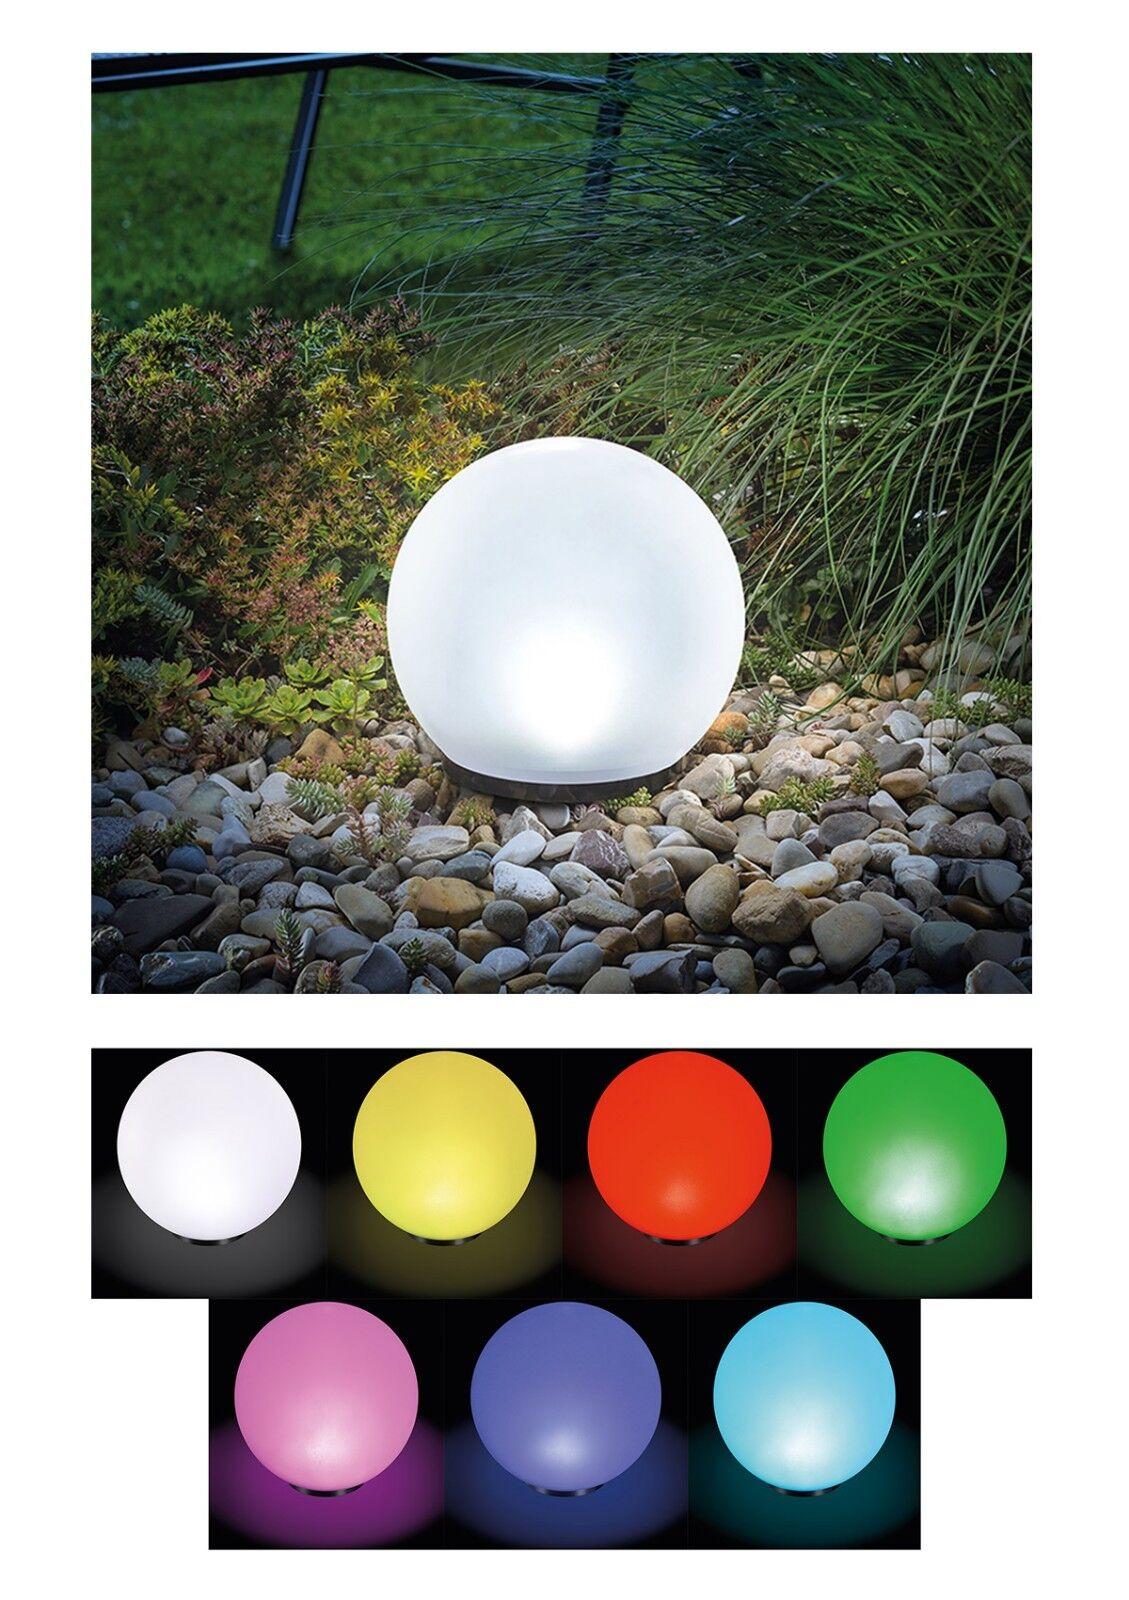 2 x 20cm LED Sfera Solare Lampada Solare Sfera Luminosa Solare Sfera Solare Giardino Lampada